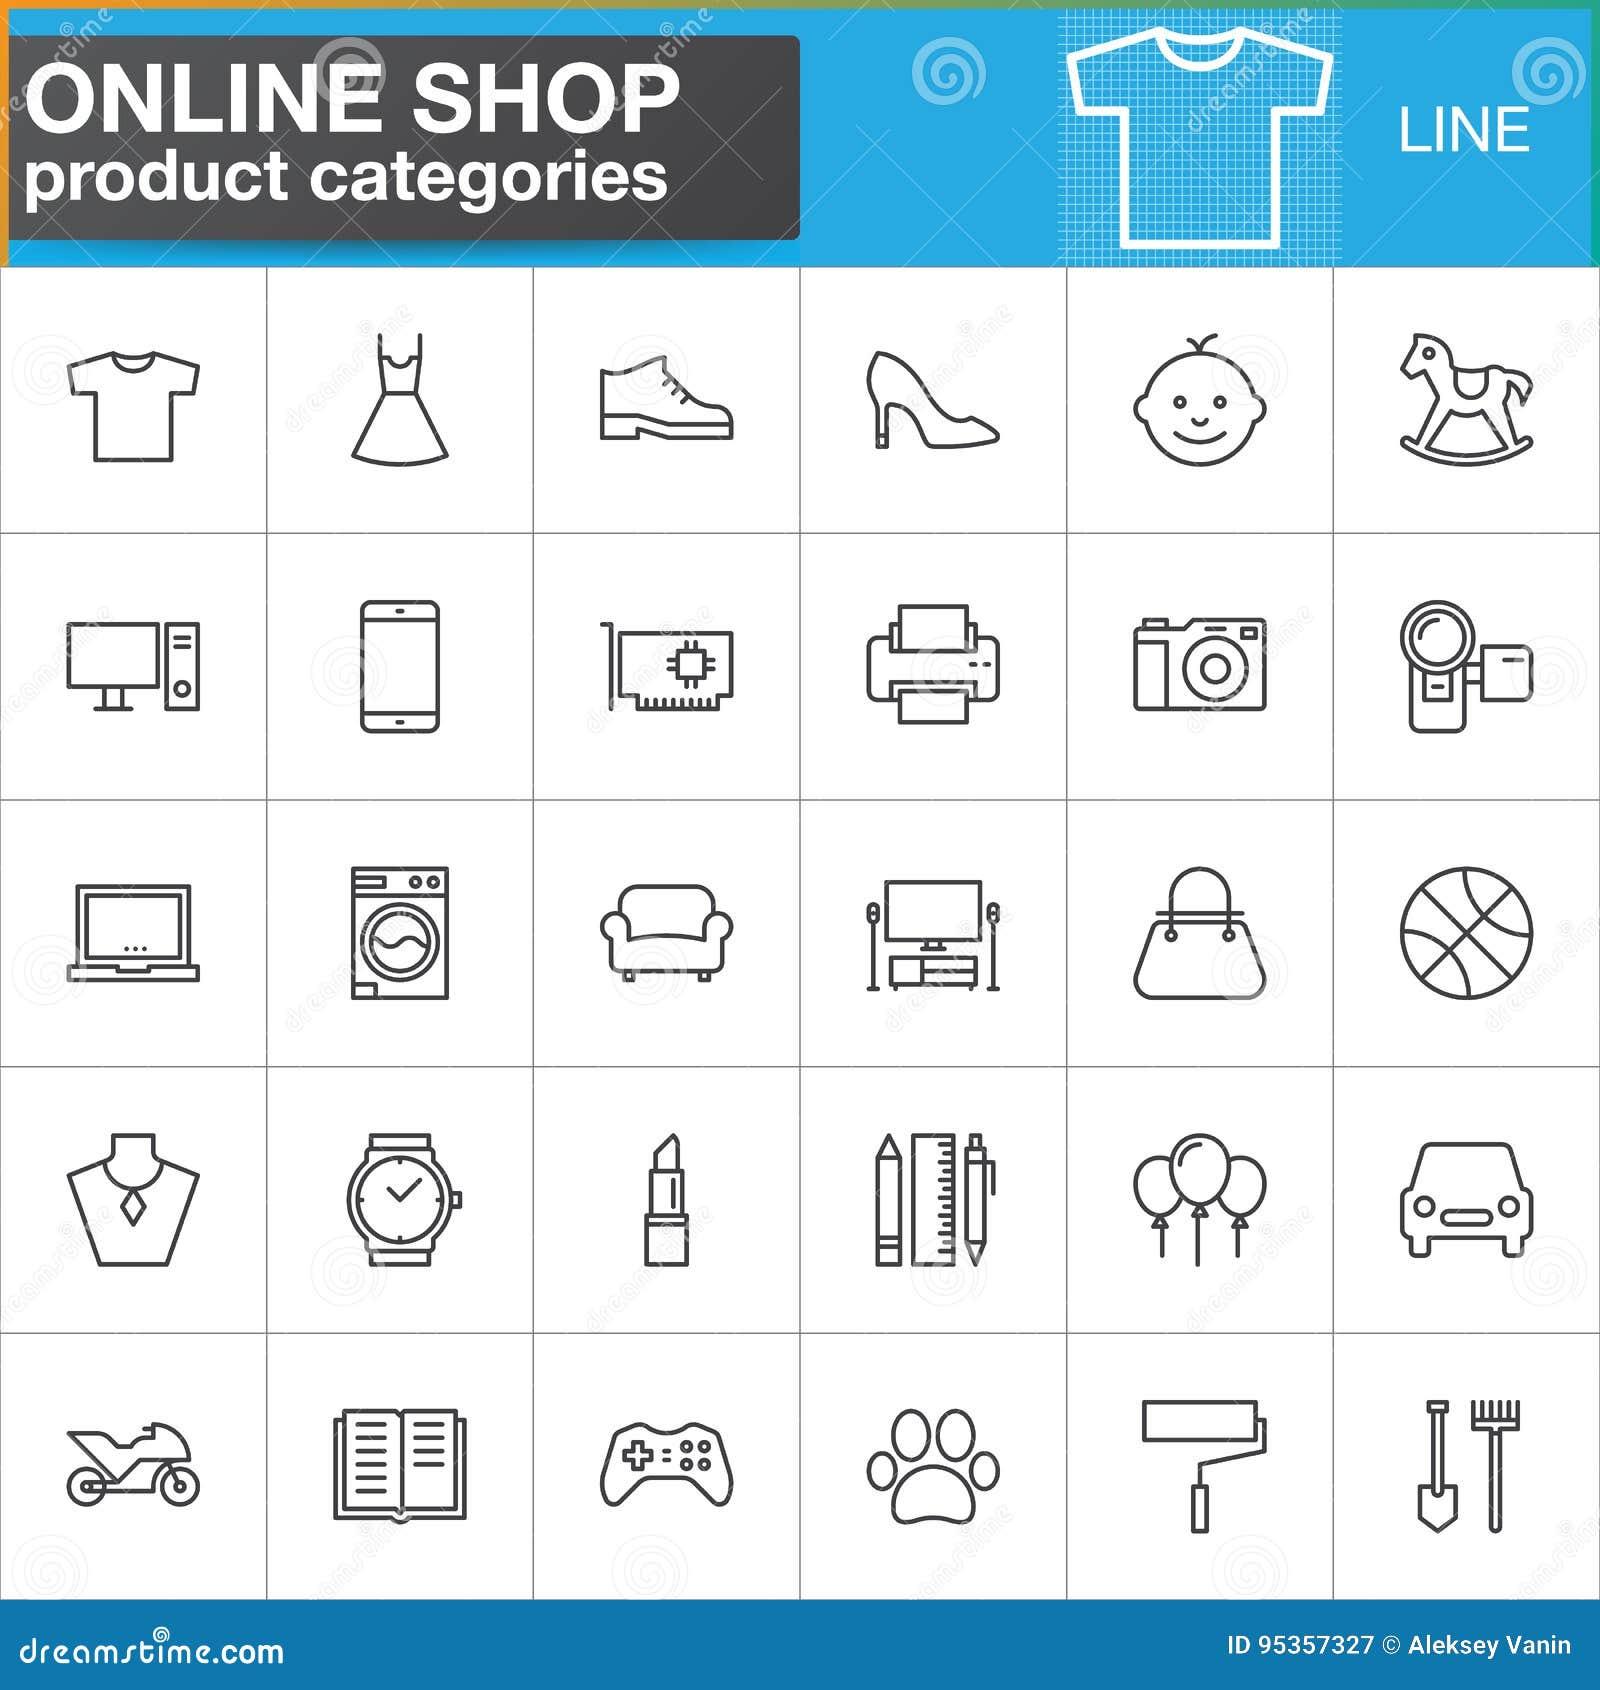 Línea en línea iconos fijados, colección del símbolo del vector del esquema, paquete linear de las categorías de producto de las